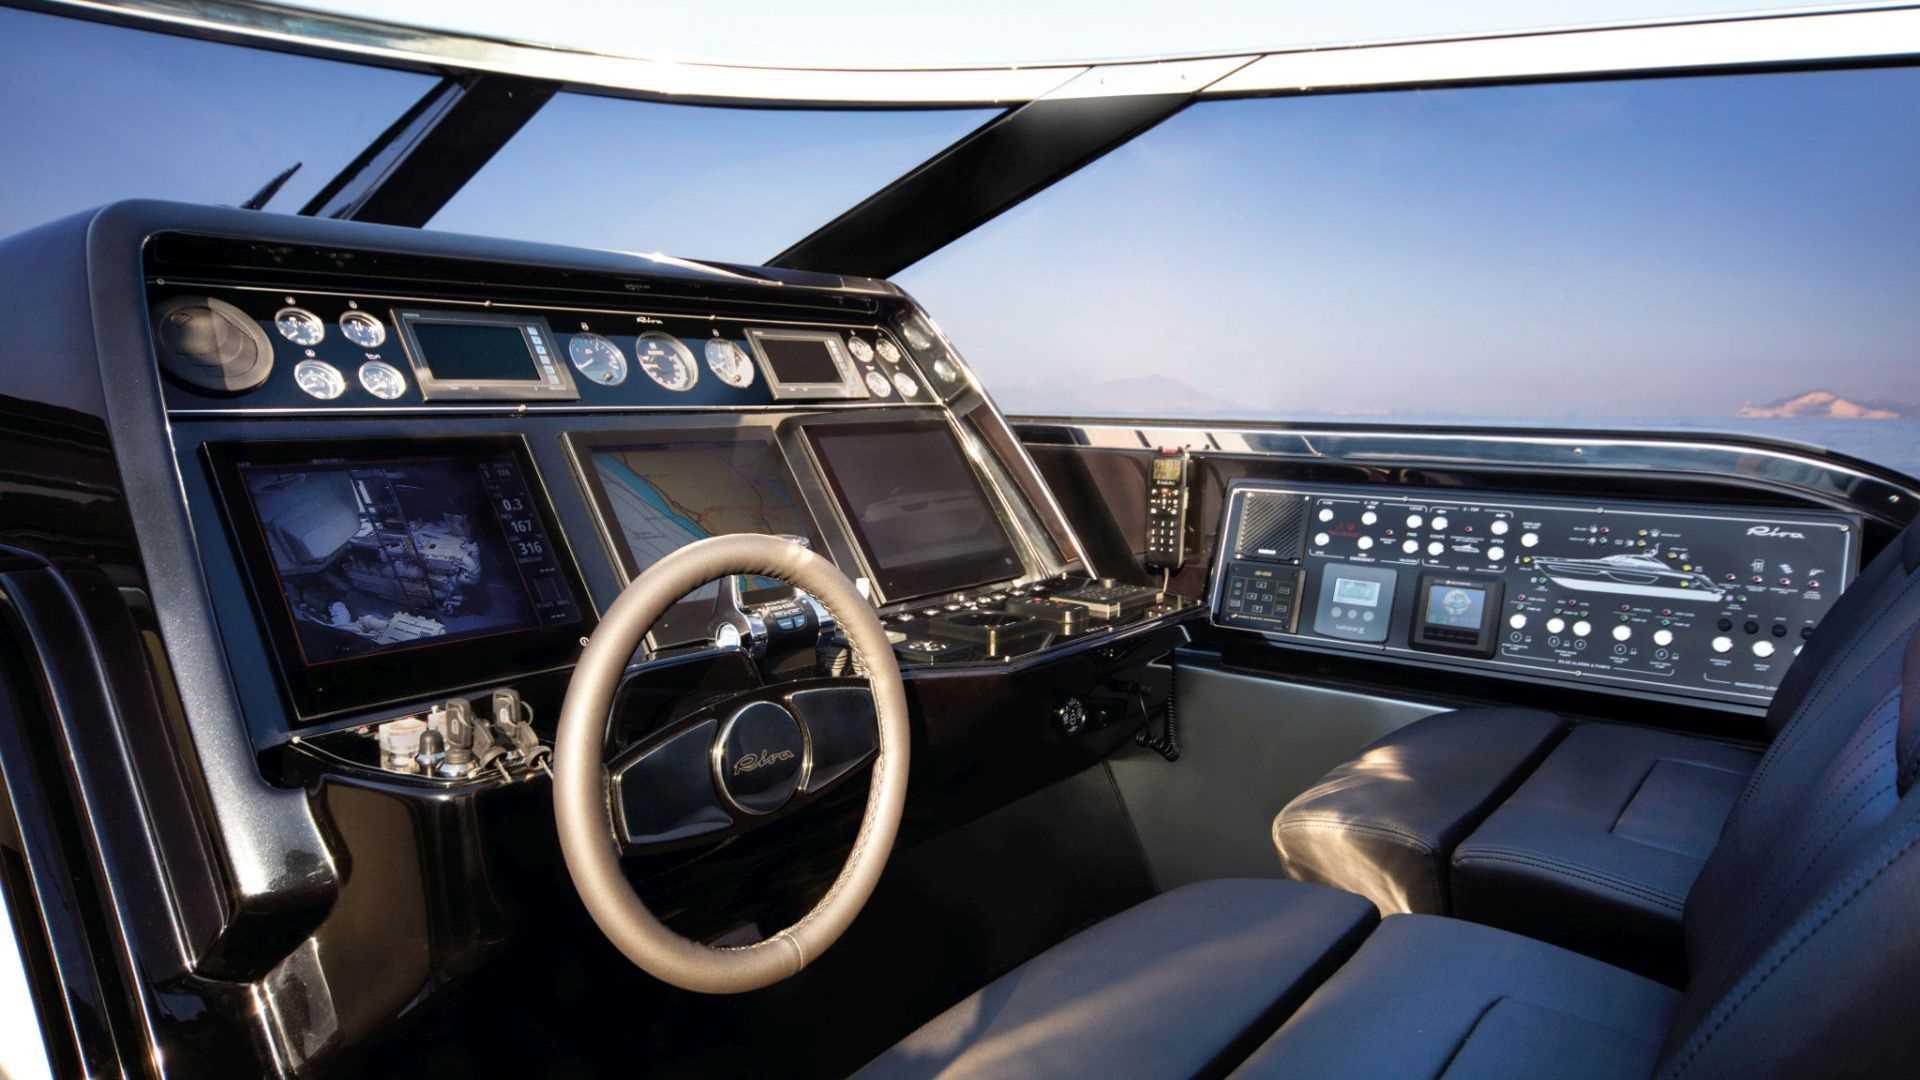 Riva-76-Bahamas-interiores (2)